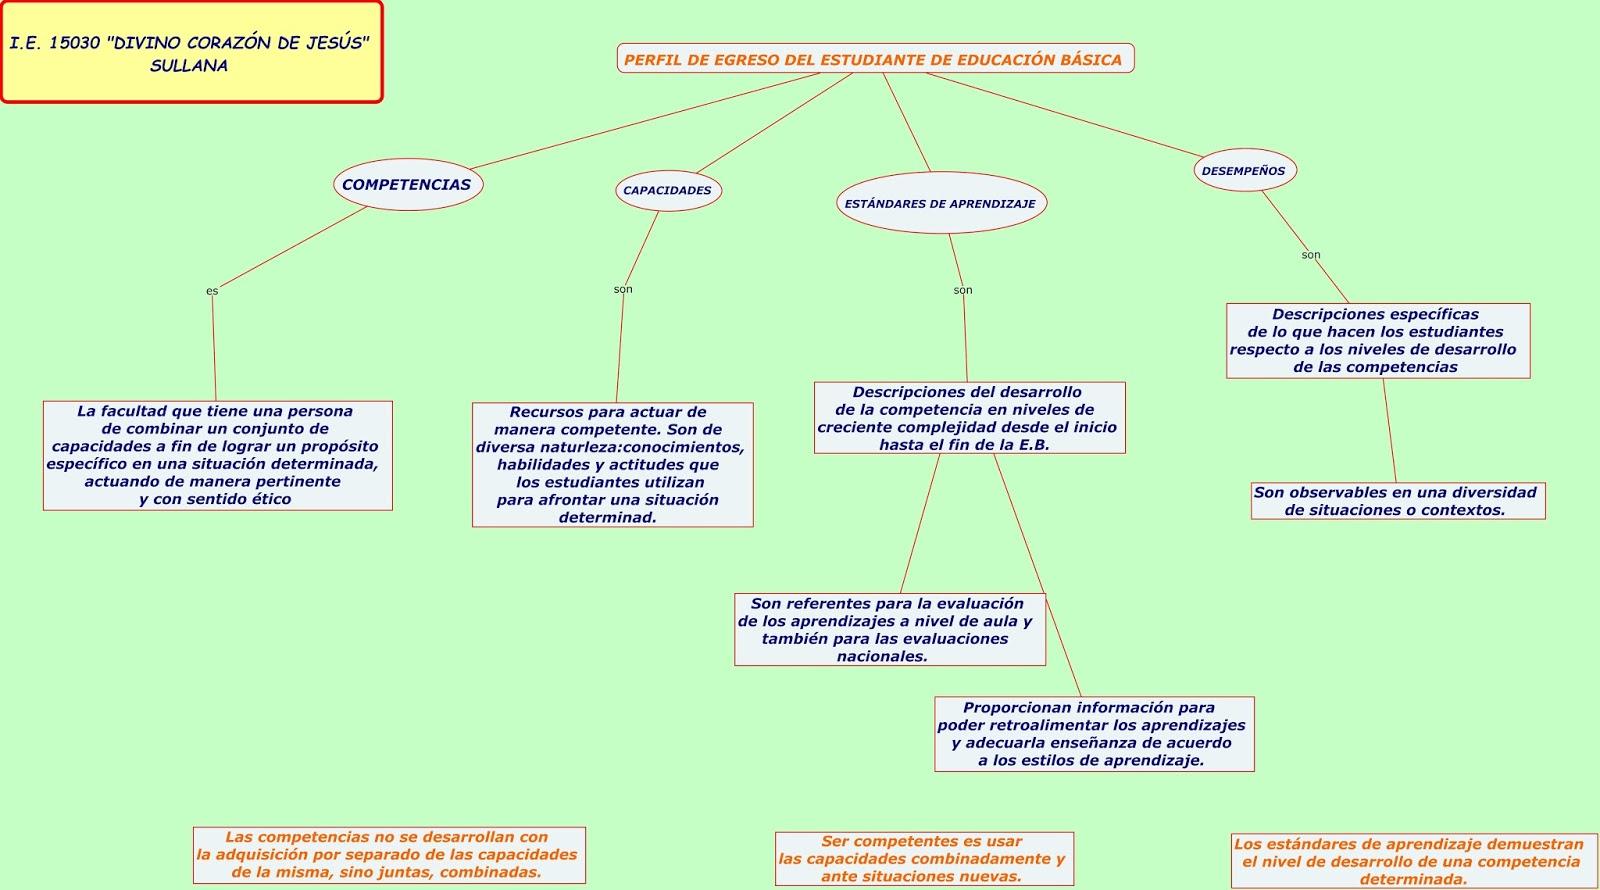 IMPLEMENTACION DEL CURRICULO NACIONAL: DEFINICIONES CLAVE DEL PERFIL ...